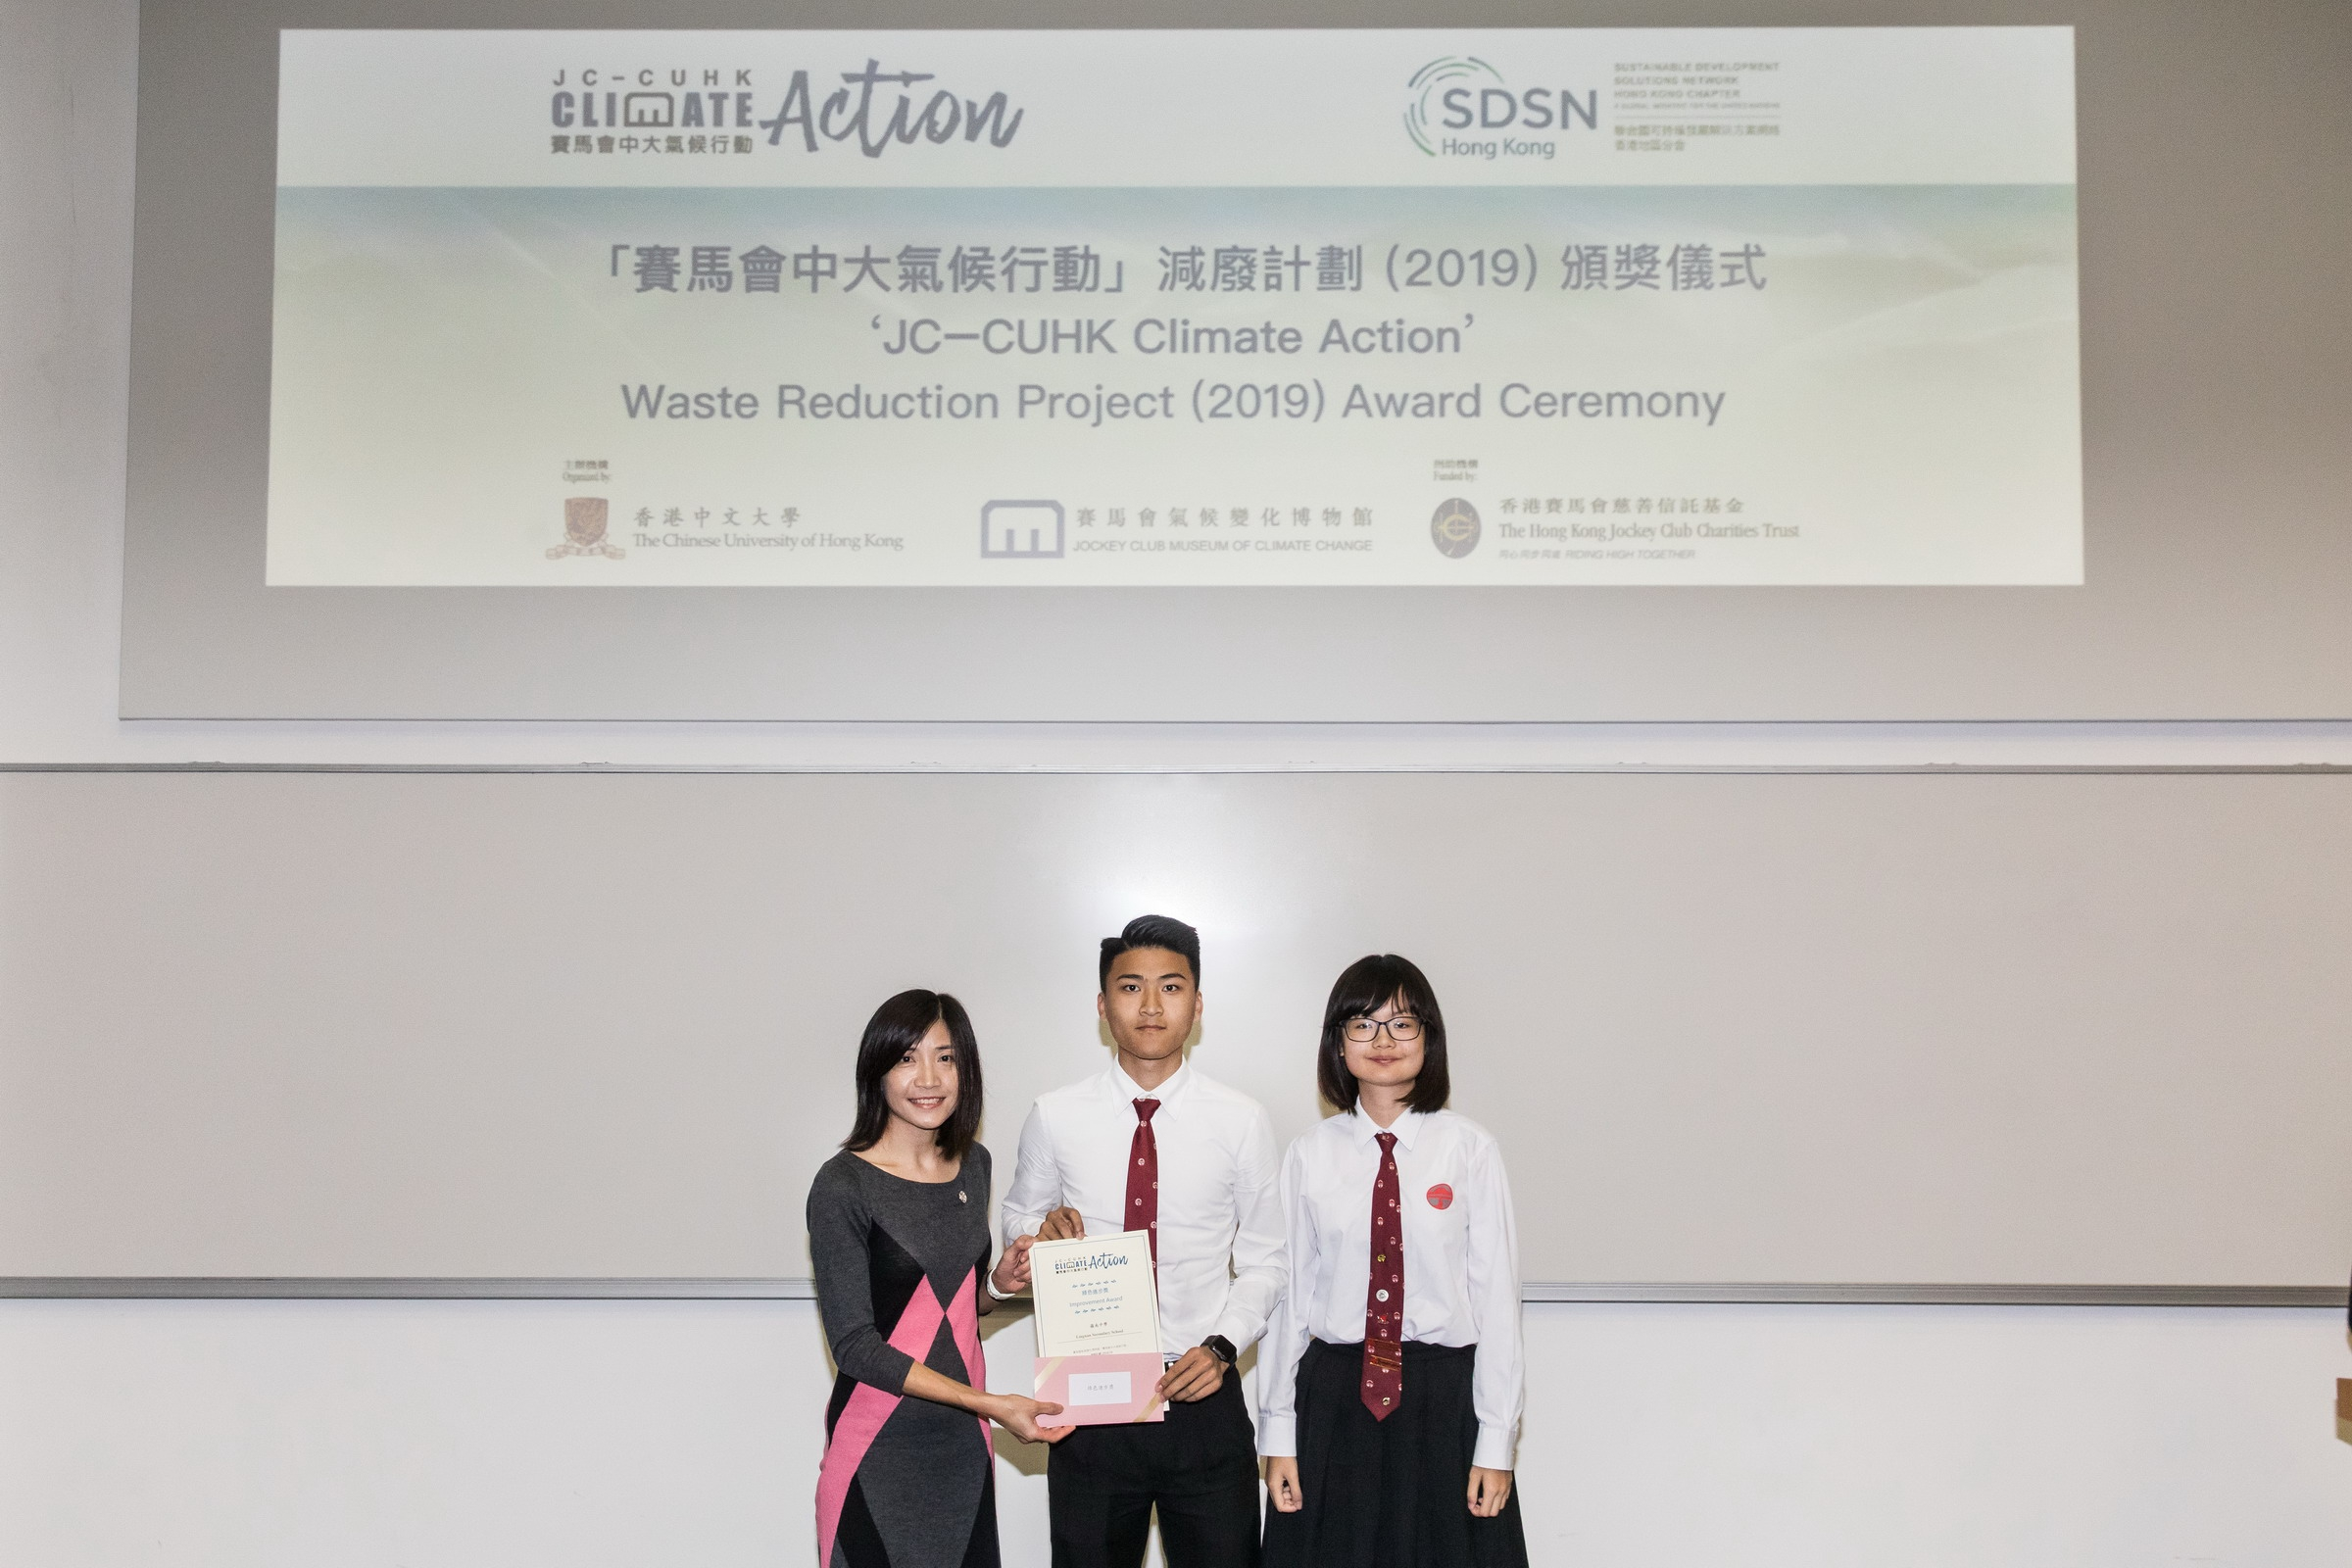 香港賽馬會慈善事務經理李穎詩女士頒發嘉許證書予參與「減廢計劃」的學校及學生。